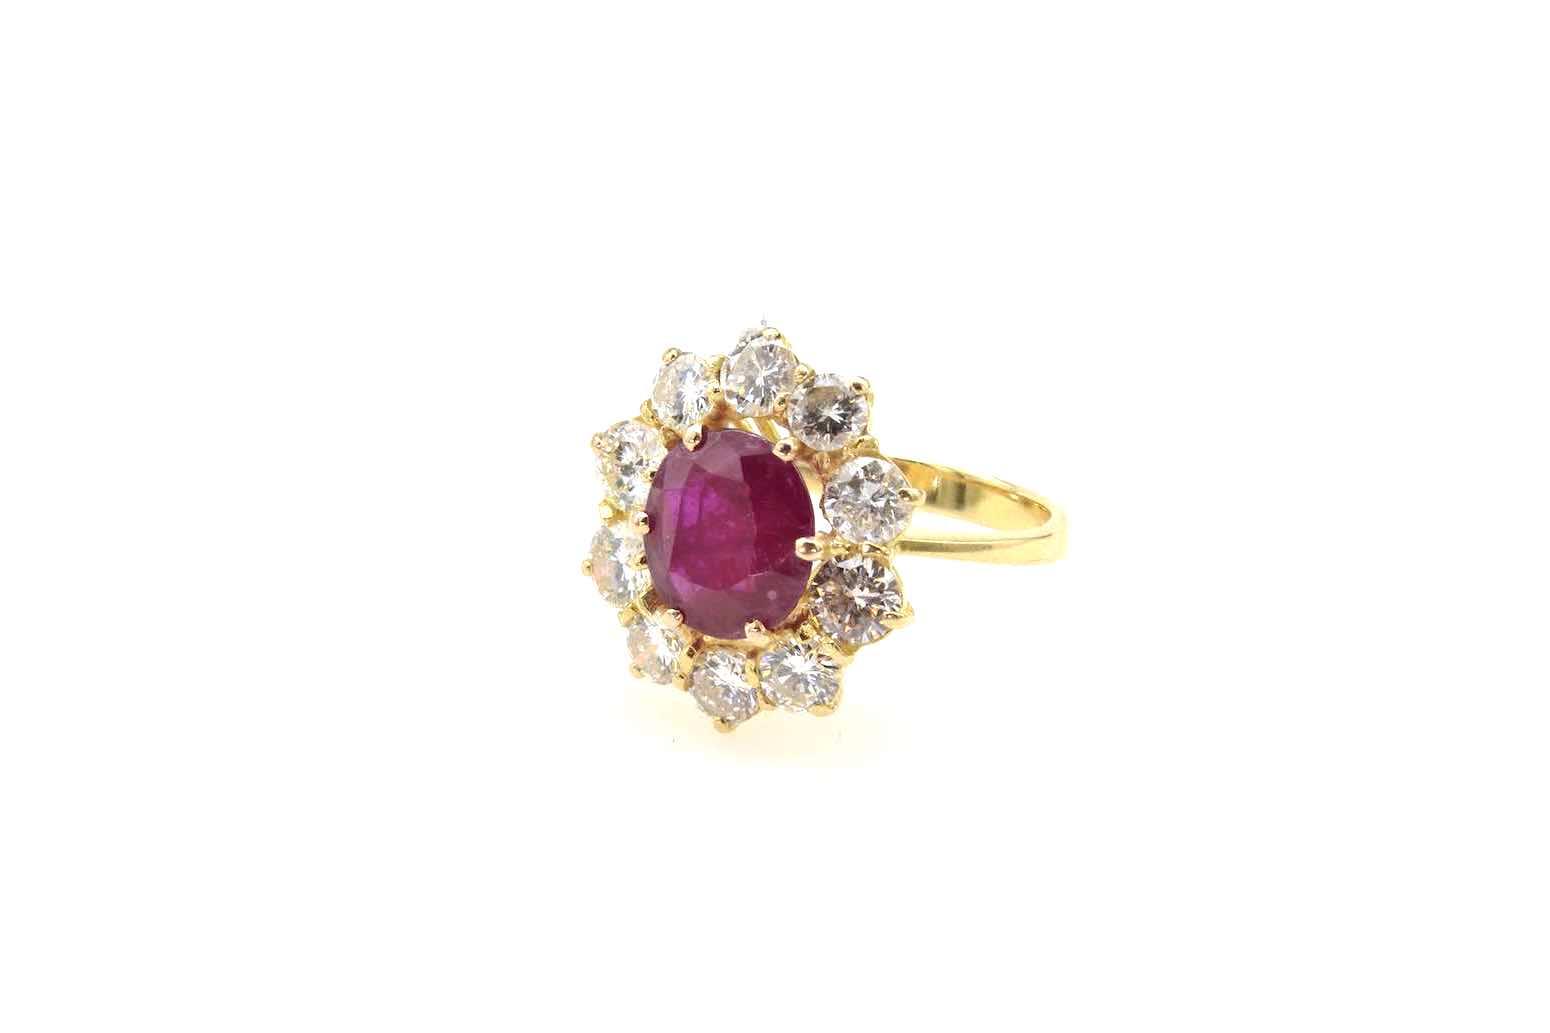 Bague vintage marguerite rubis et diamants